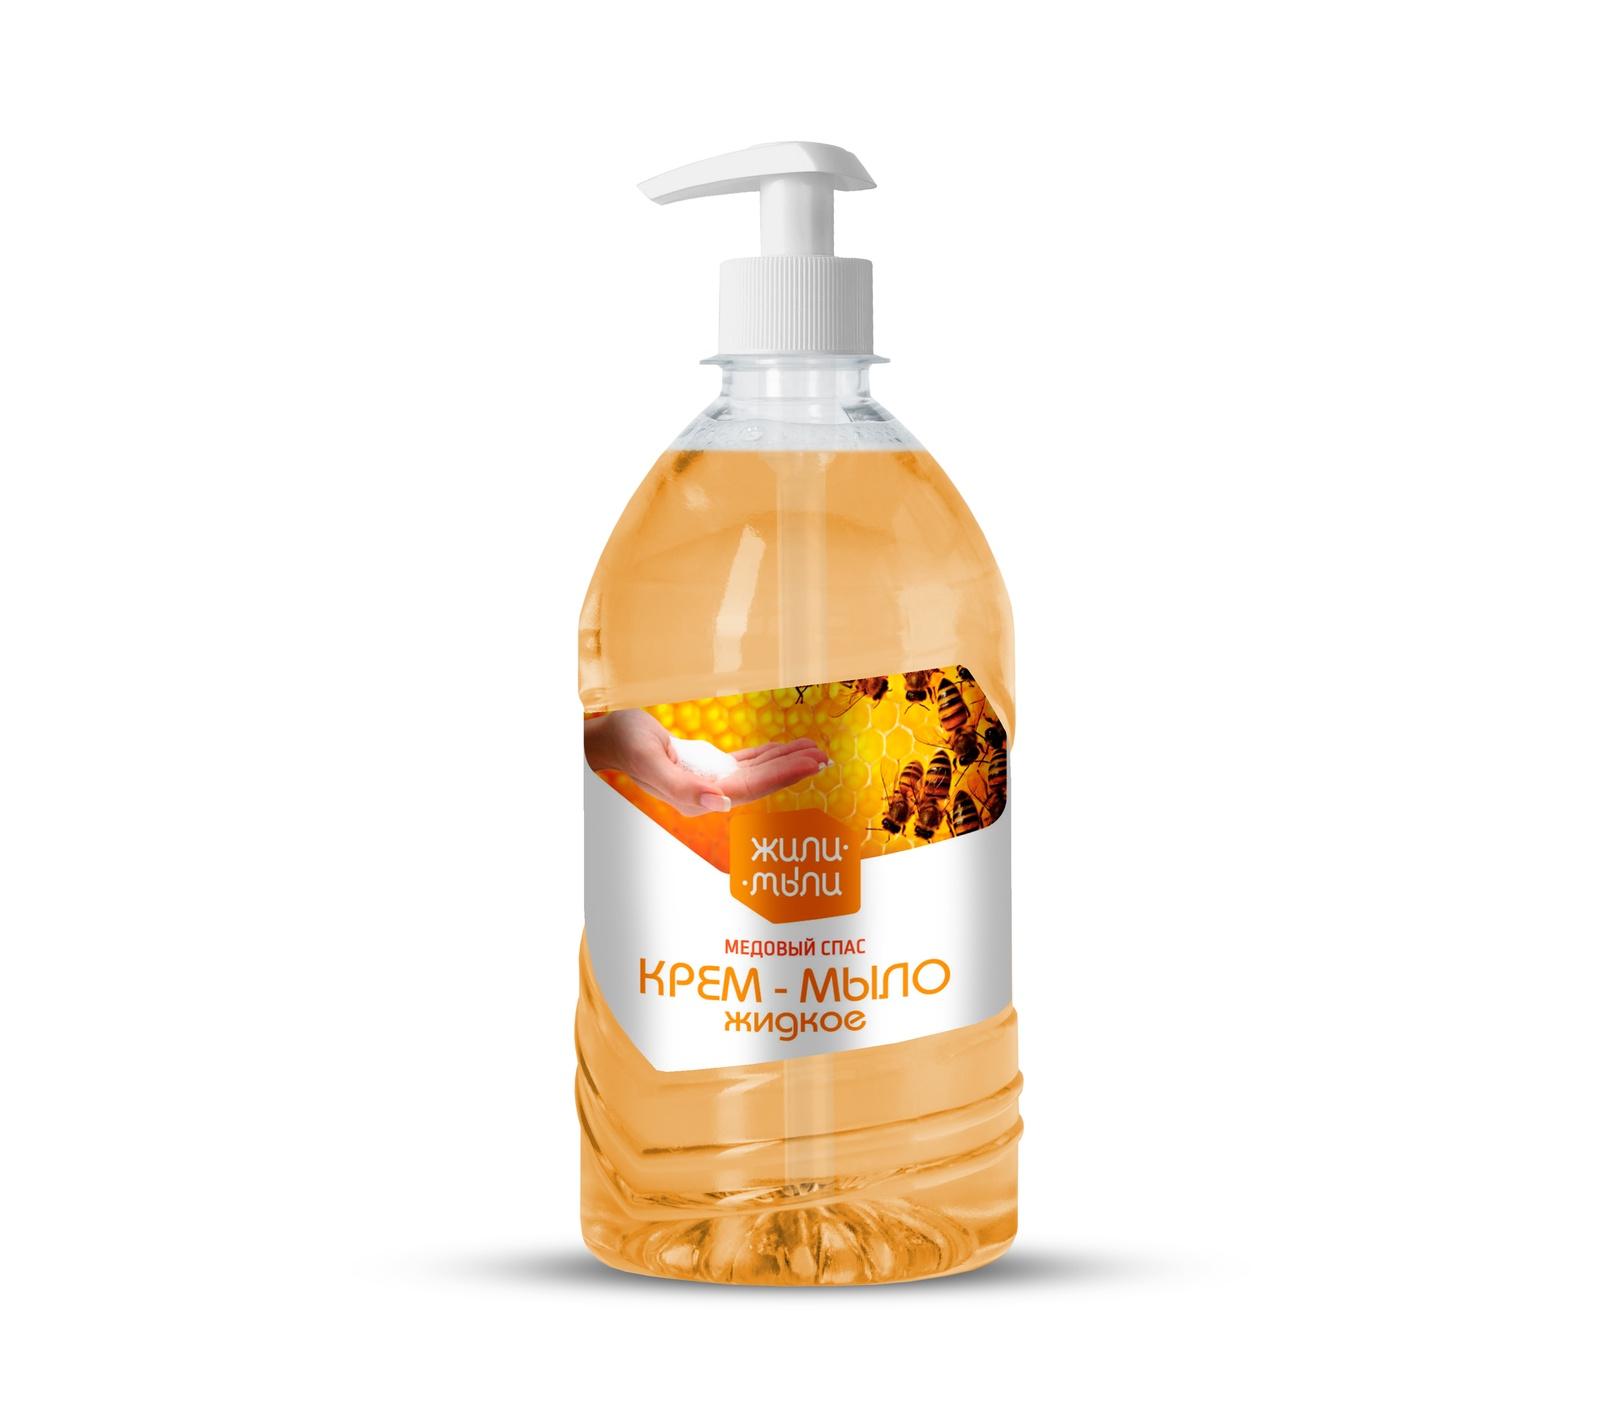 Жидкое мыло Жили-Мыли Медовый спас